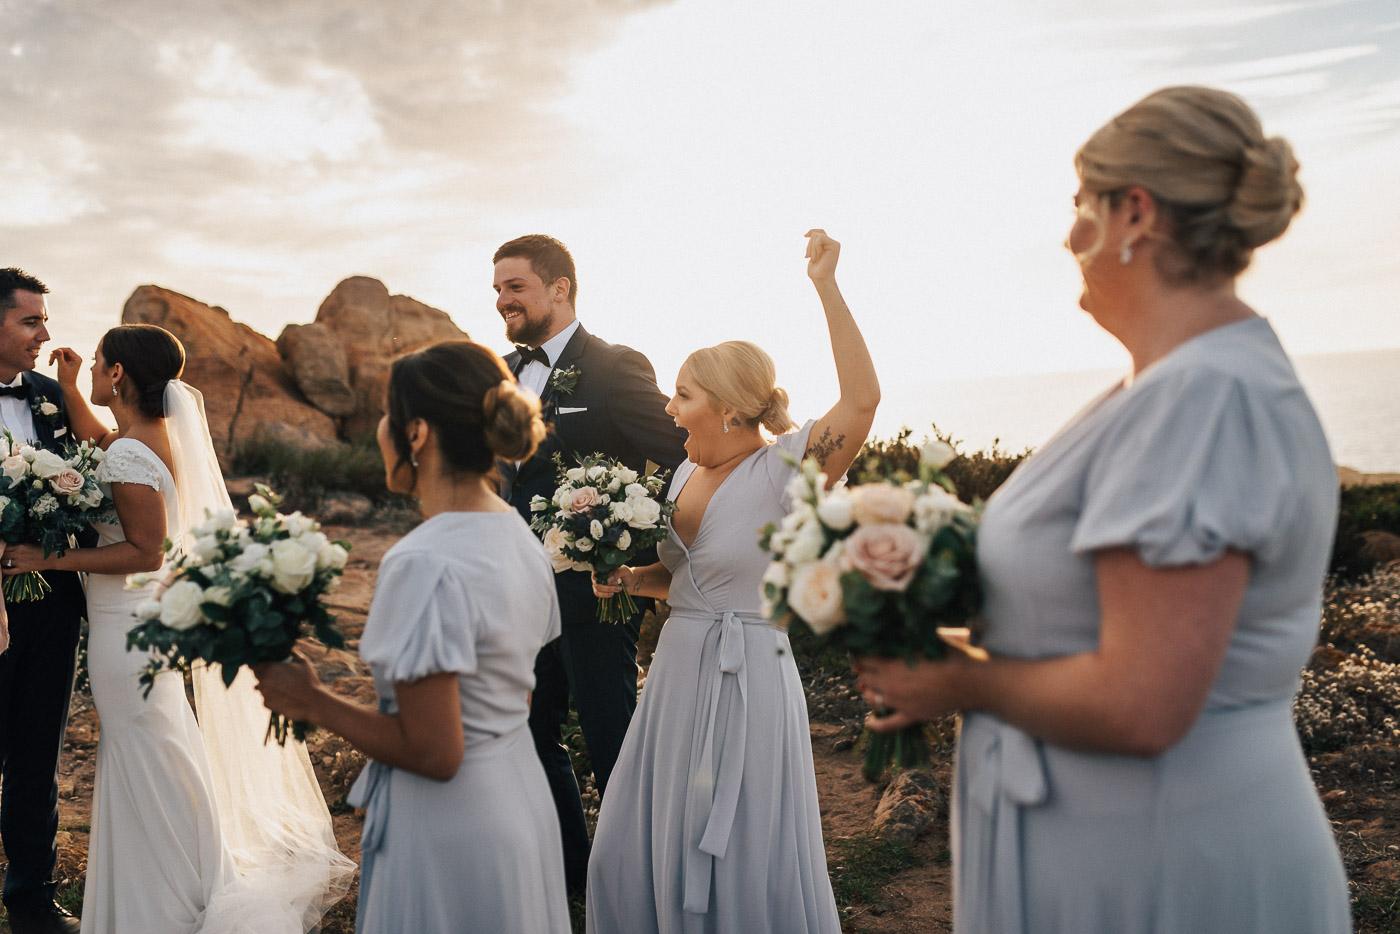 Chandelier's on Abbey wedding.